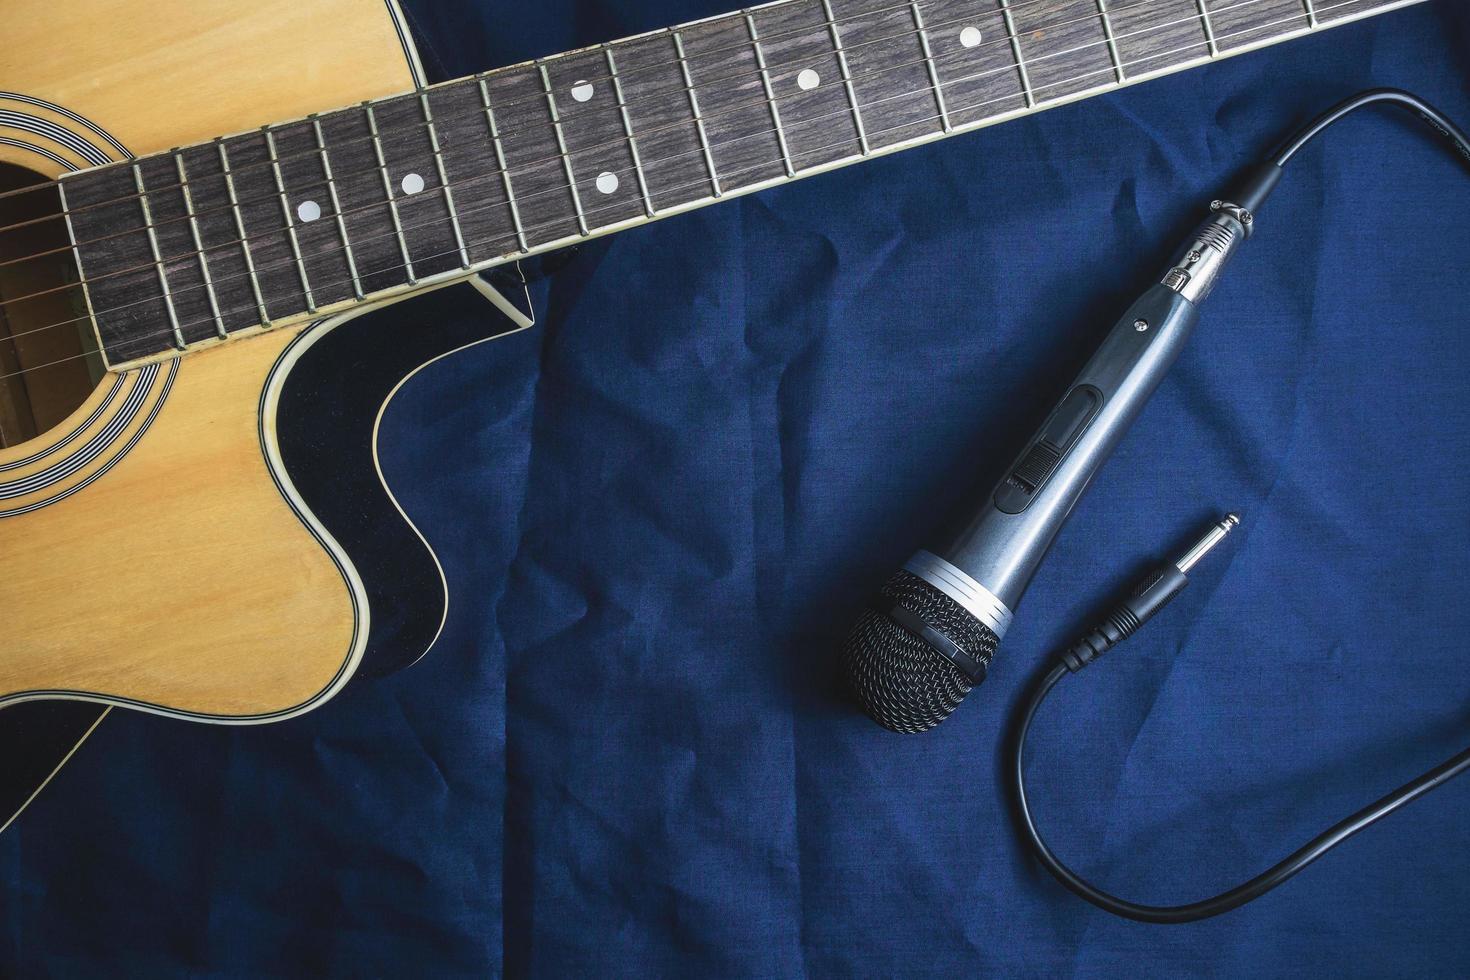 micrófono y guitarra acústica en la mesa foto